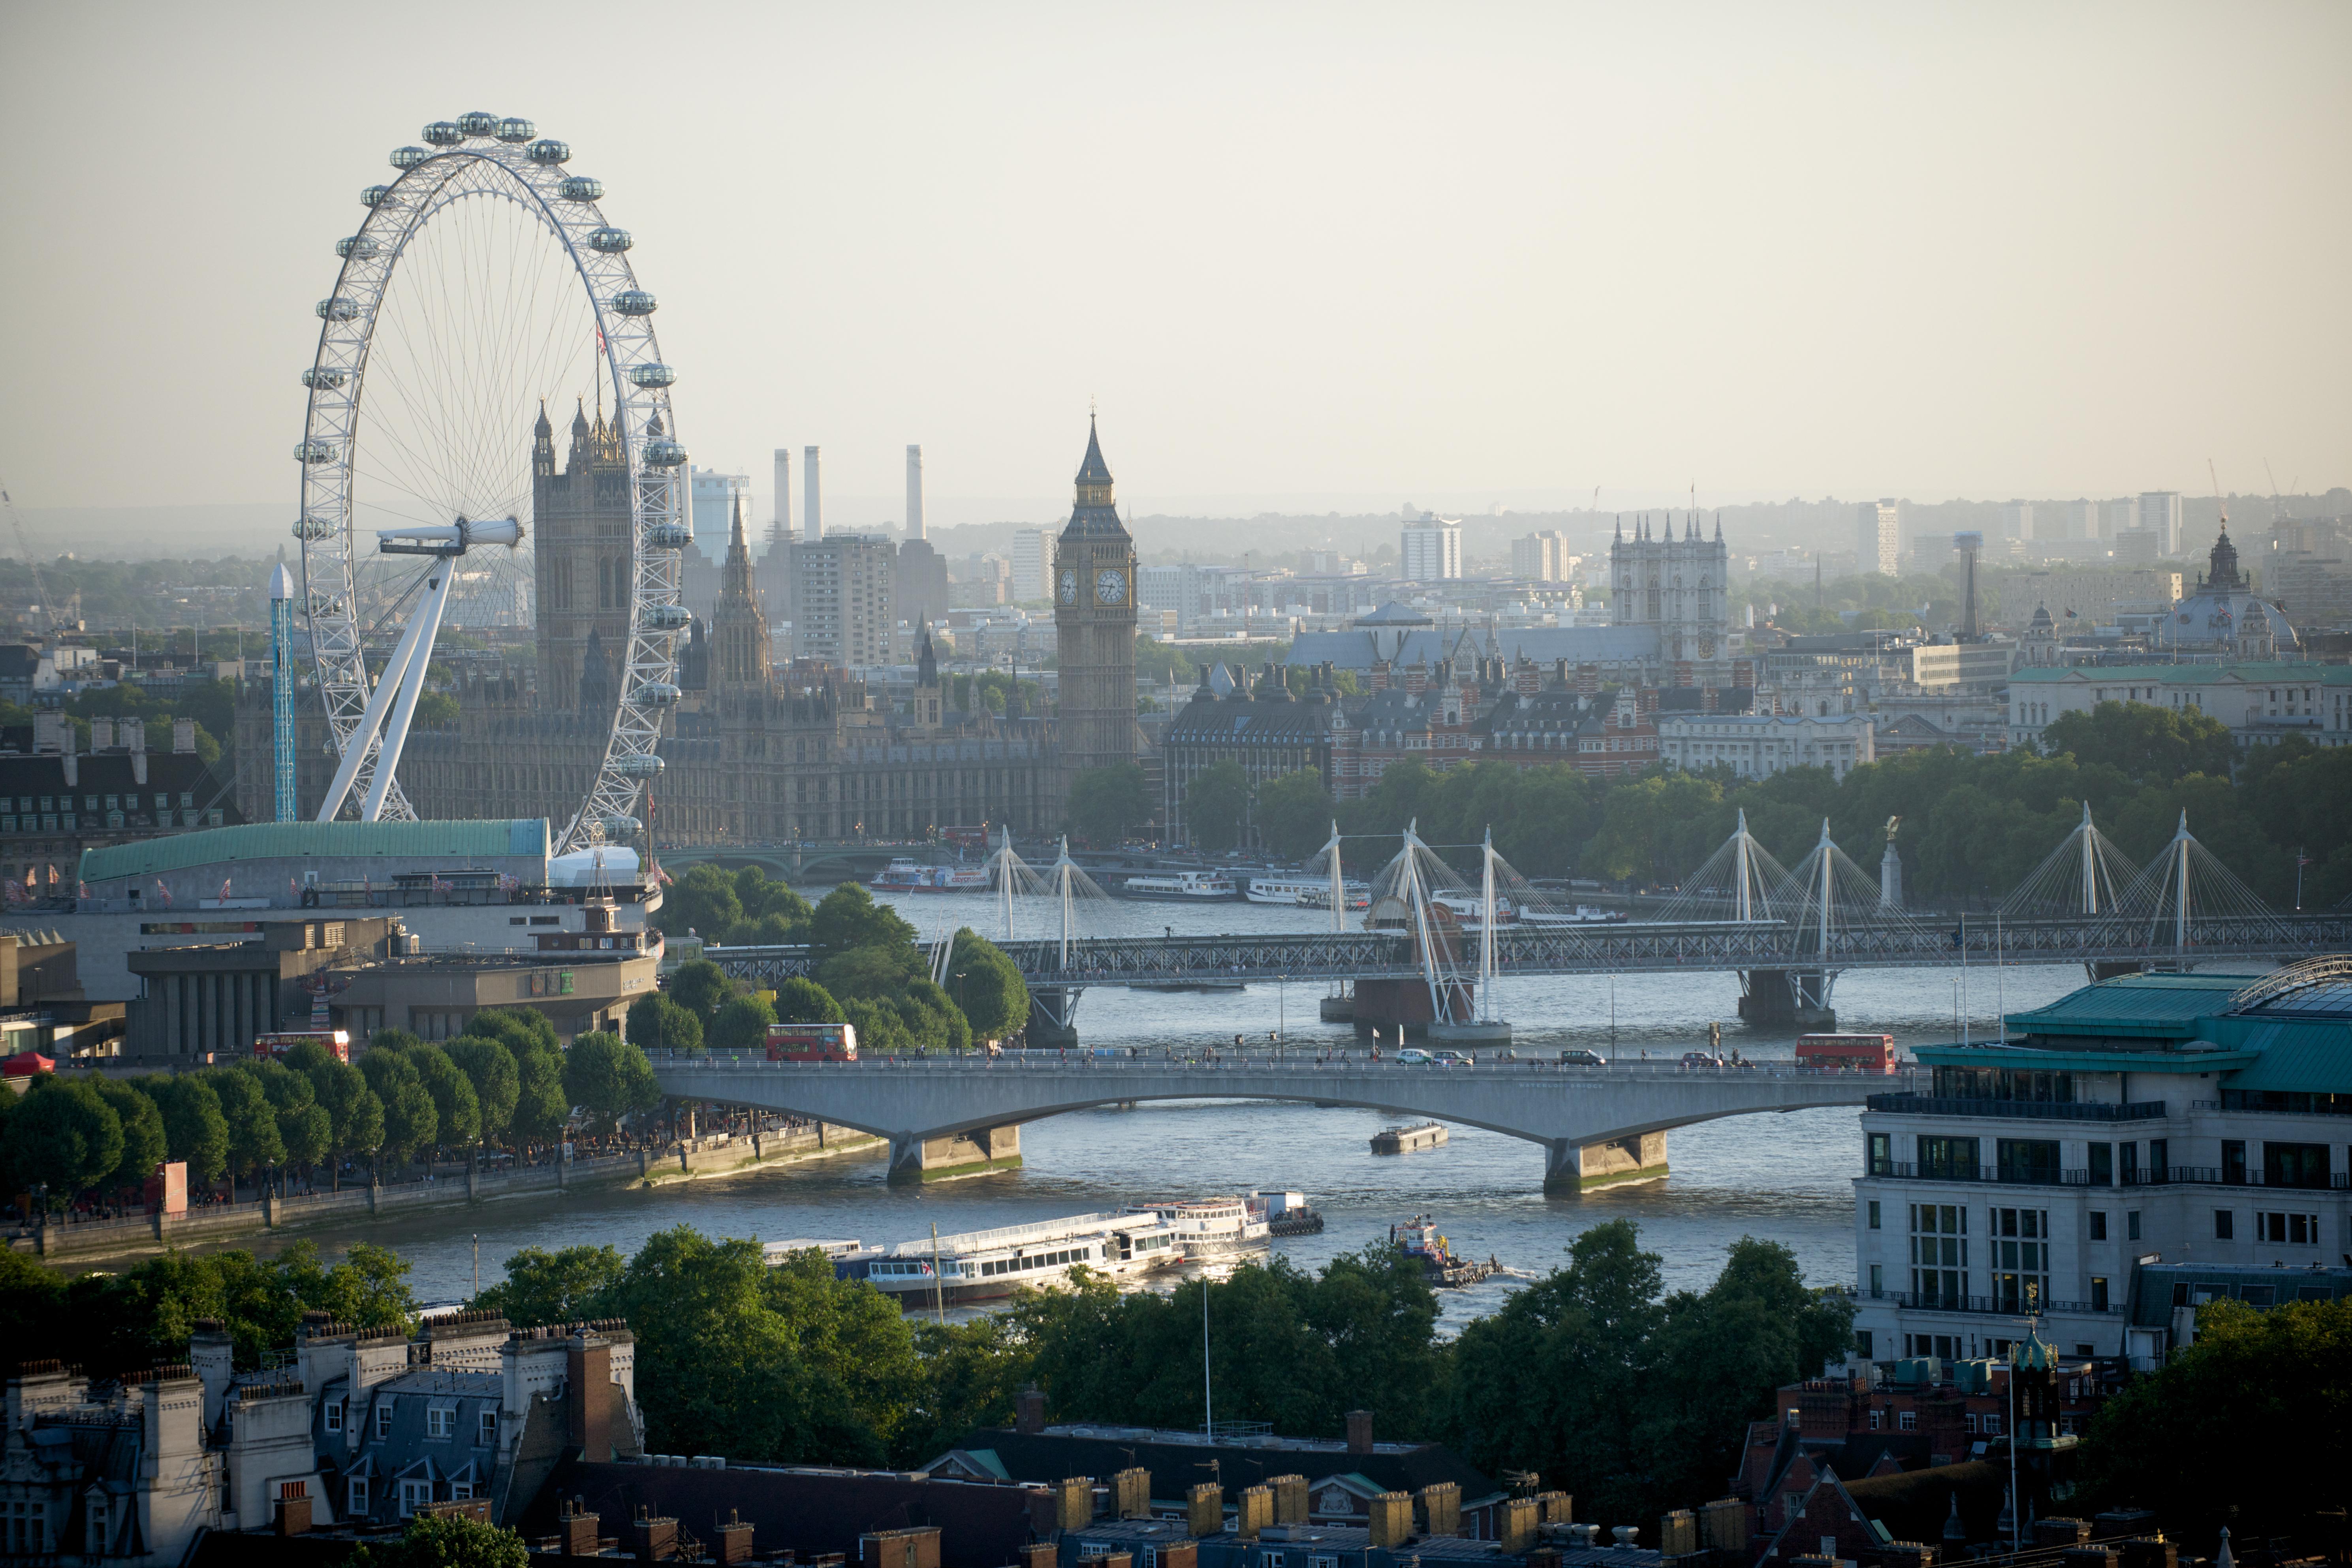 Sube a The London Eye, la noria más grande del mundo - Inglaterra Circuito Londres y Escocia